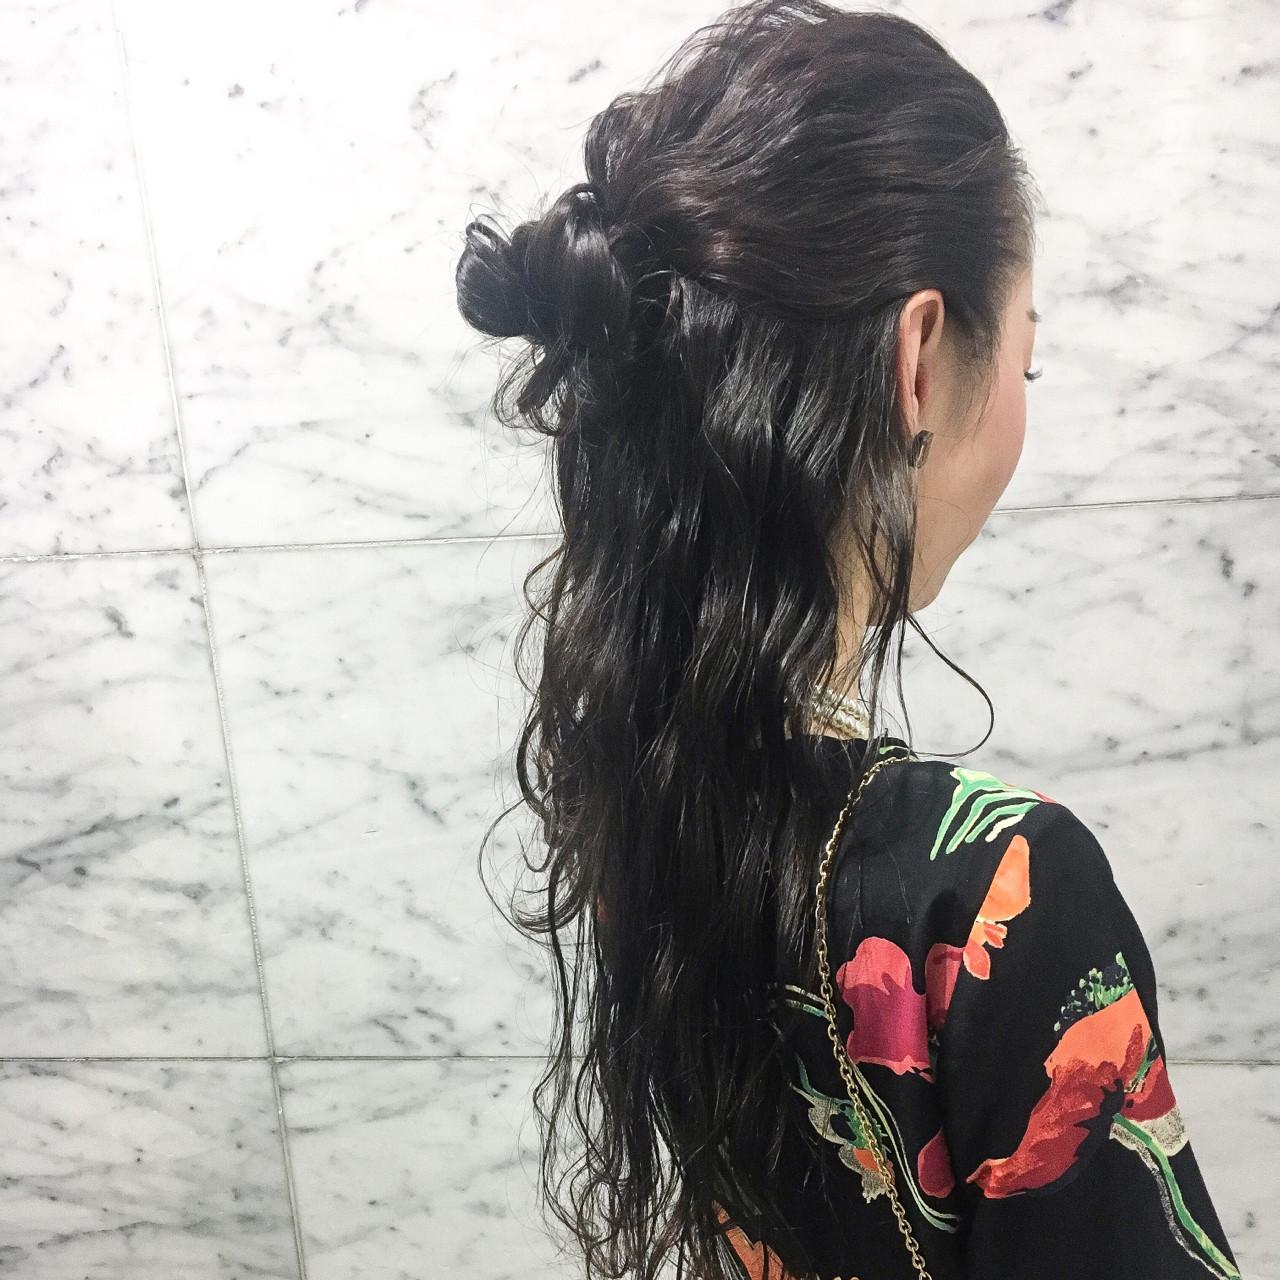 ヘアアレンジ お団子 スポーツ ハーフアップ ヘアスタイルや髪型の写真・画像